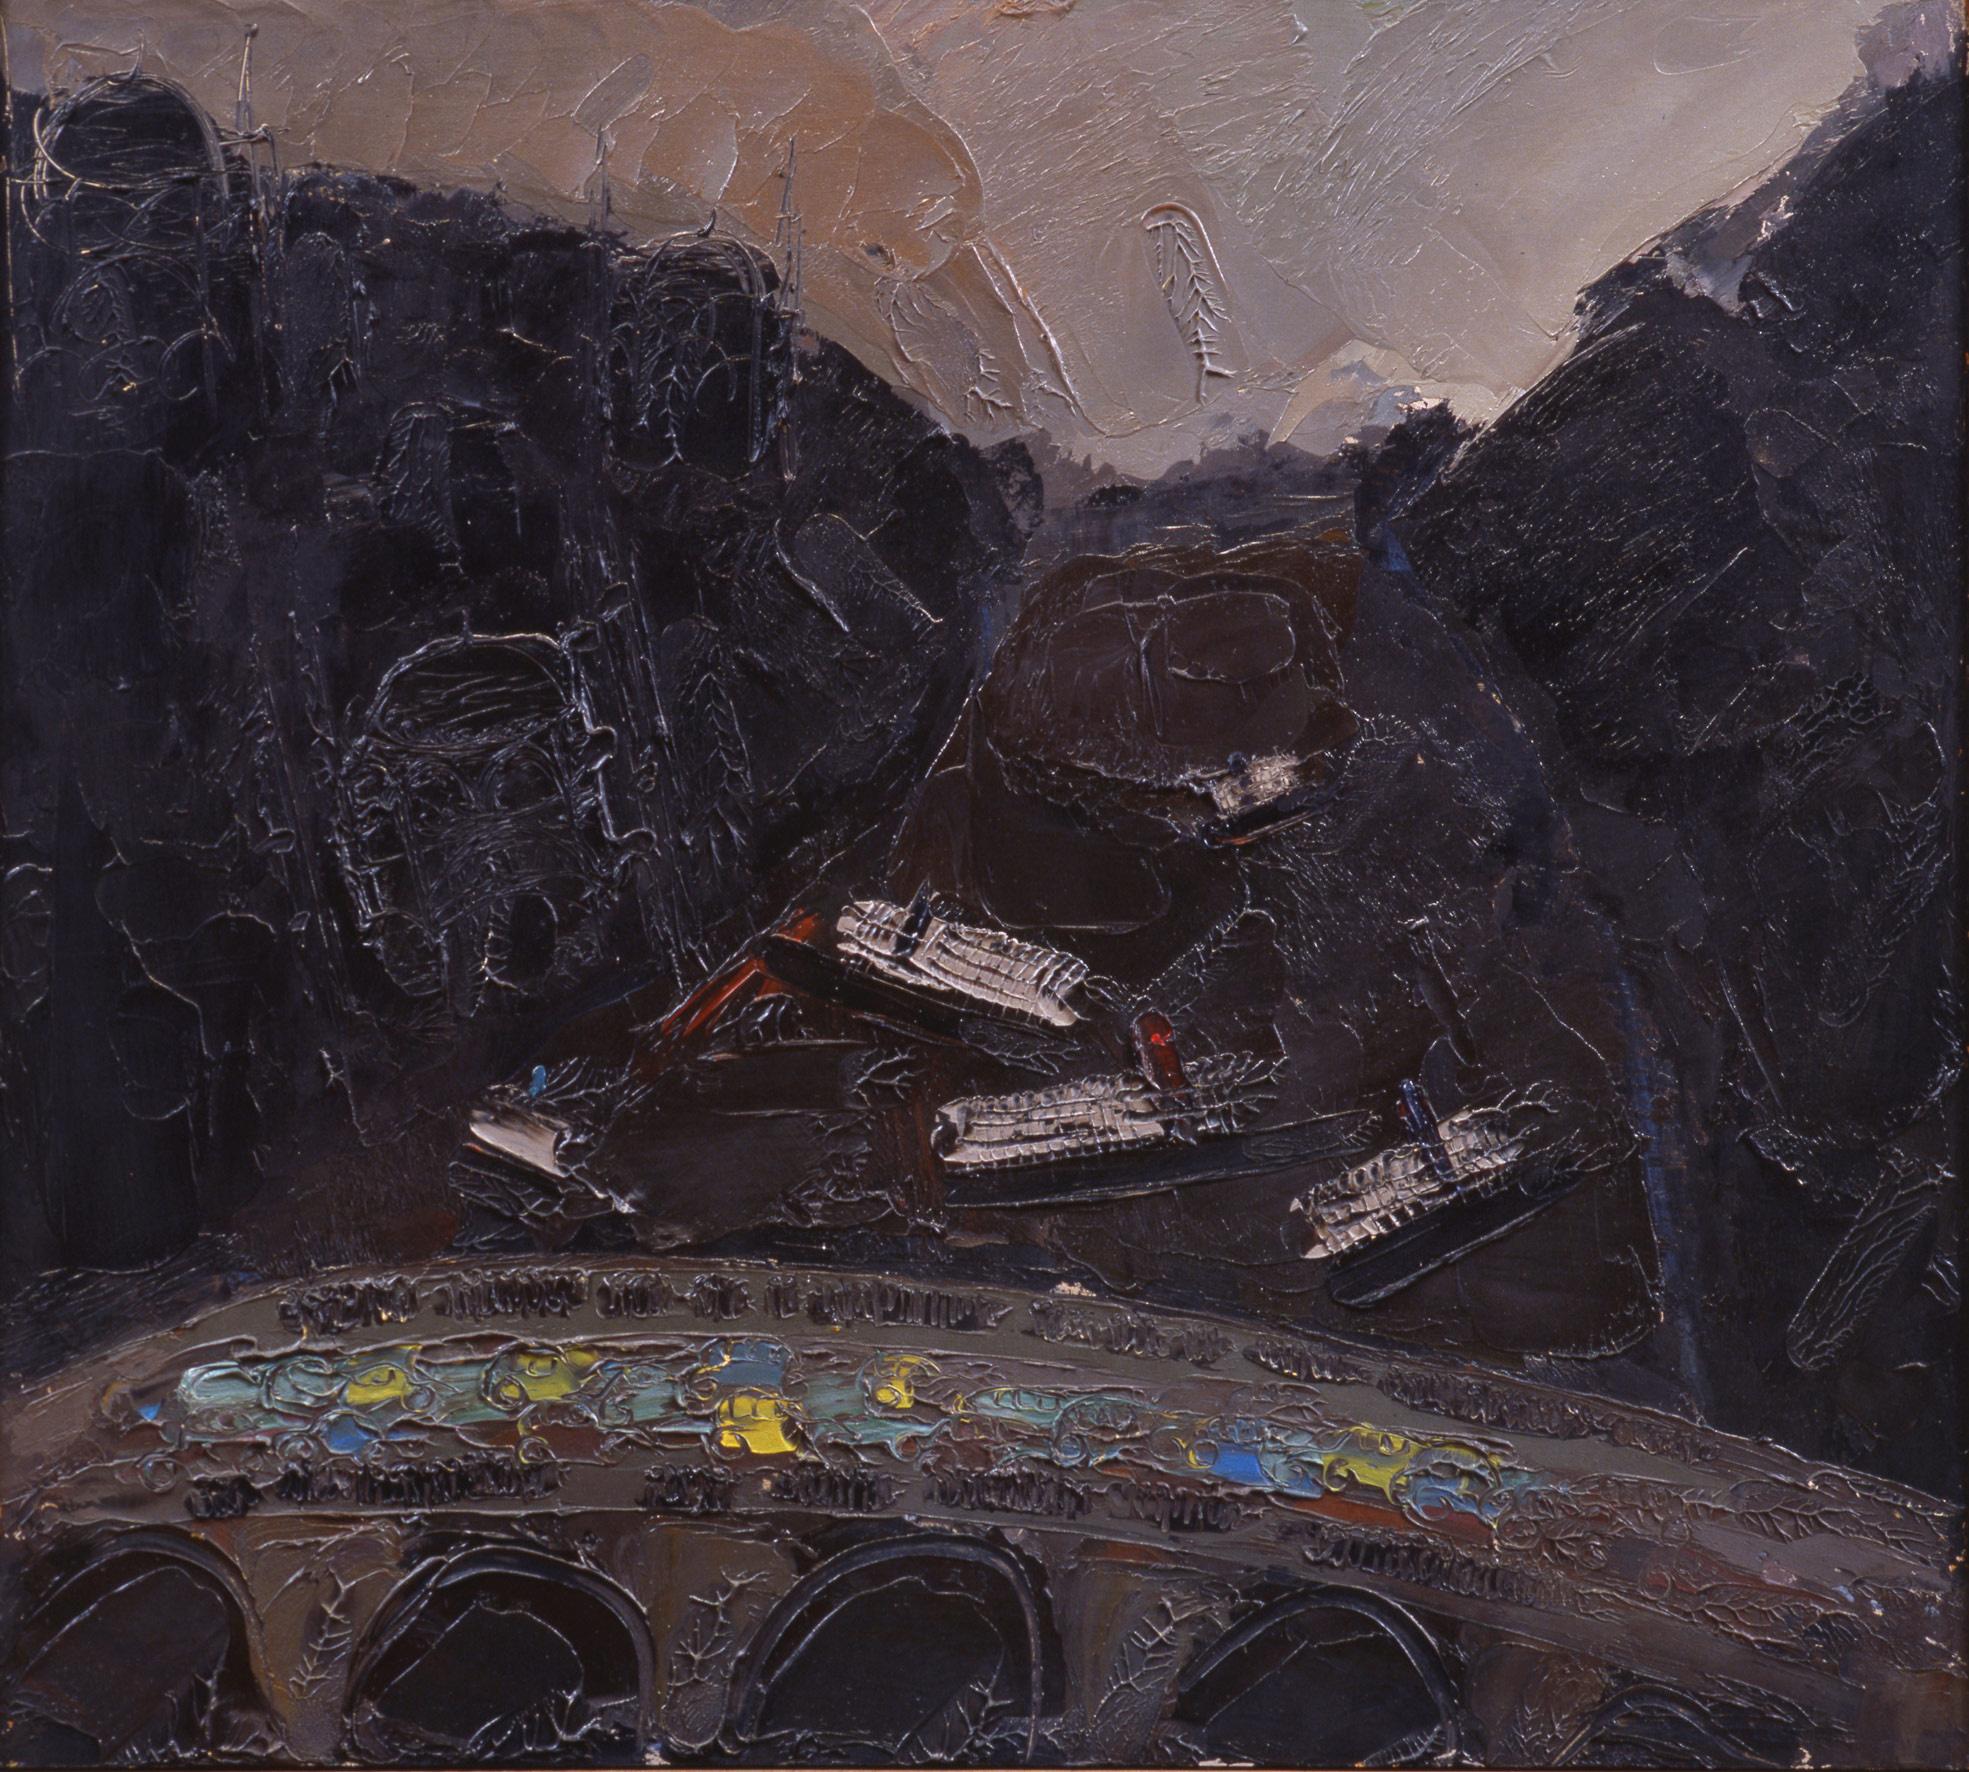 ISTAMBUL 1, 1974, olio su pannello, 84x94 cm